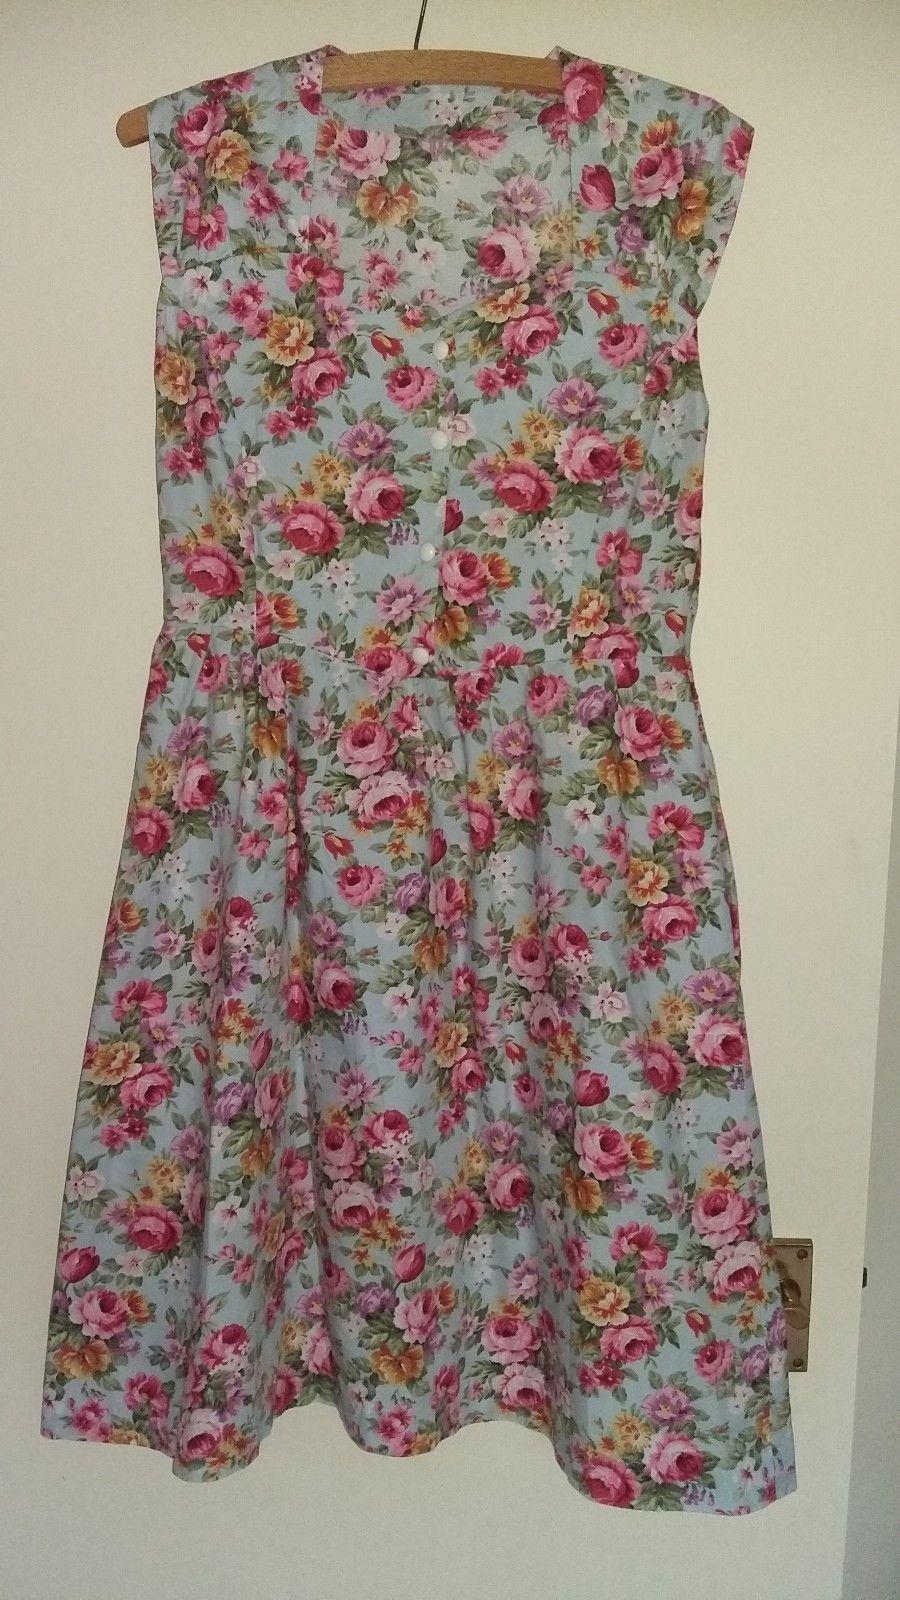 19 62 Vintage Inspired Handmade Ladies Summer Dress Size 12 Vintage Inspired Handmade Ladies Summ Summer Dresses For Women Summer Dresses Dresses [ 1600 x 900 Pixel ]